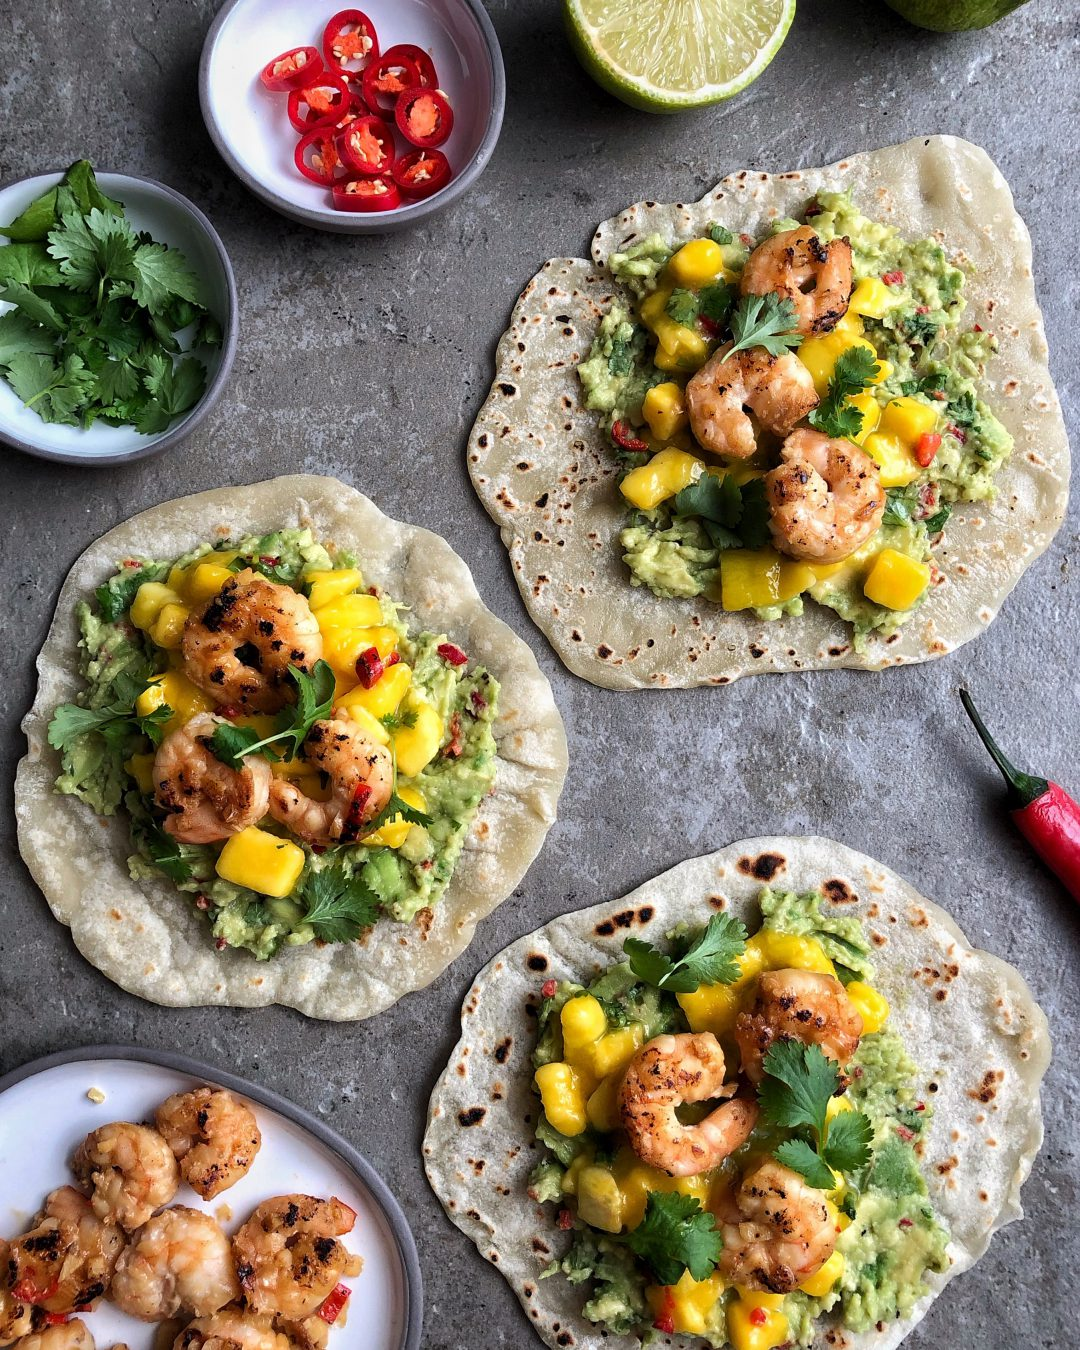 tacos z krewetkami, guacamole i salsą mango